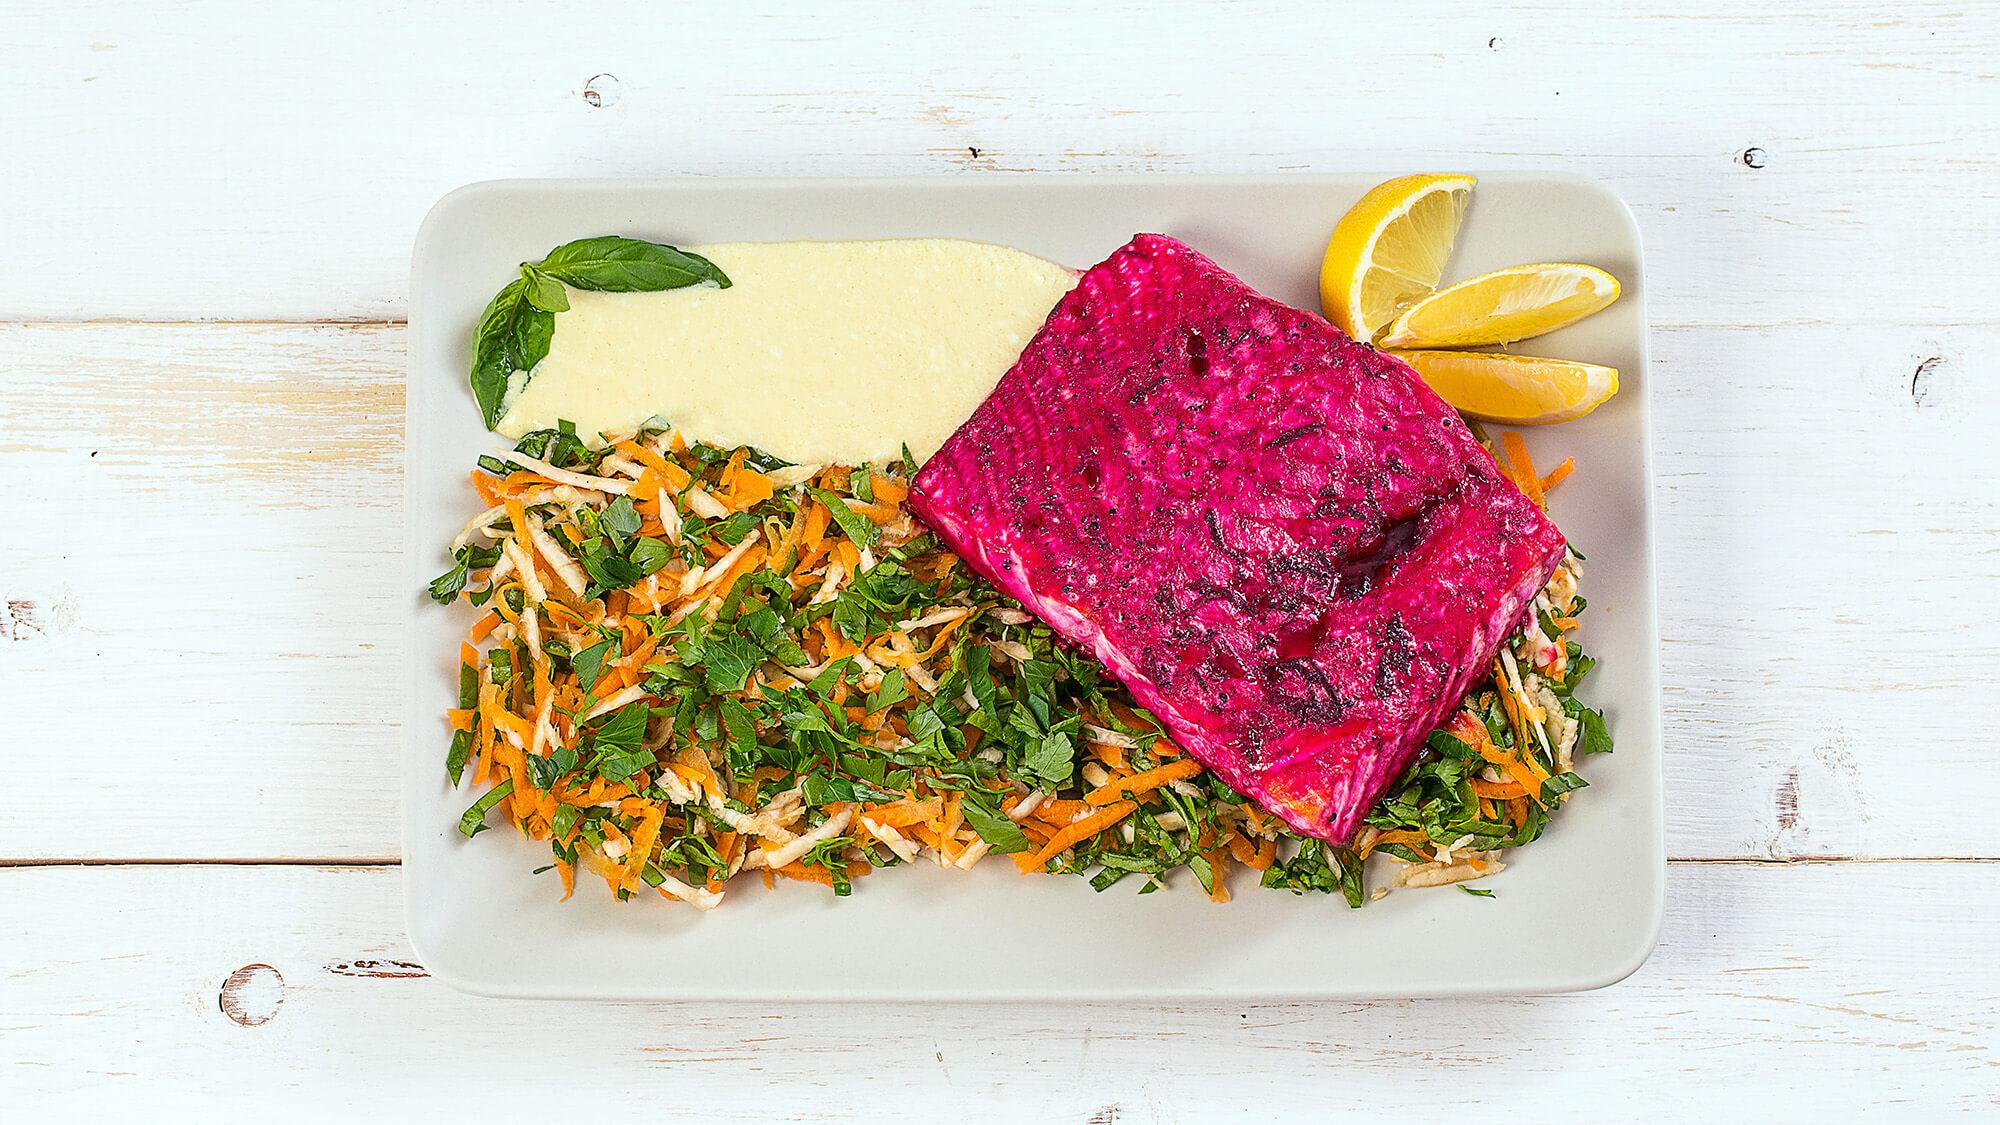 Семга, маринованная в свекольном соусе, со свежим салатом